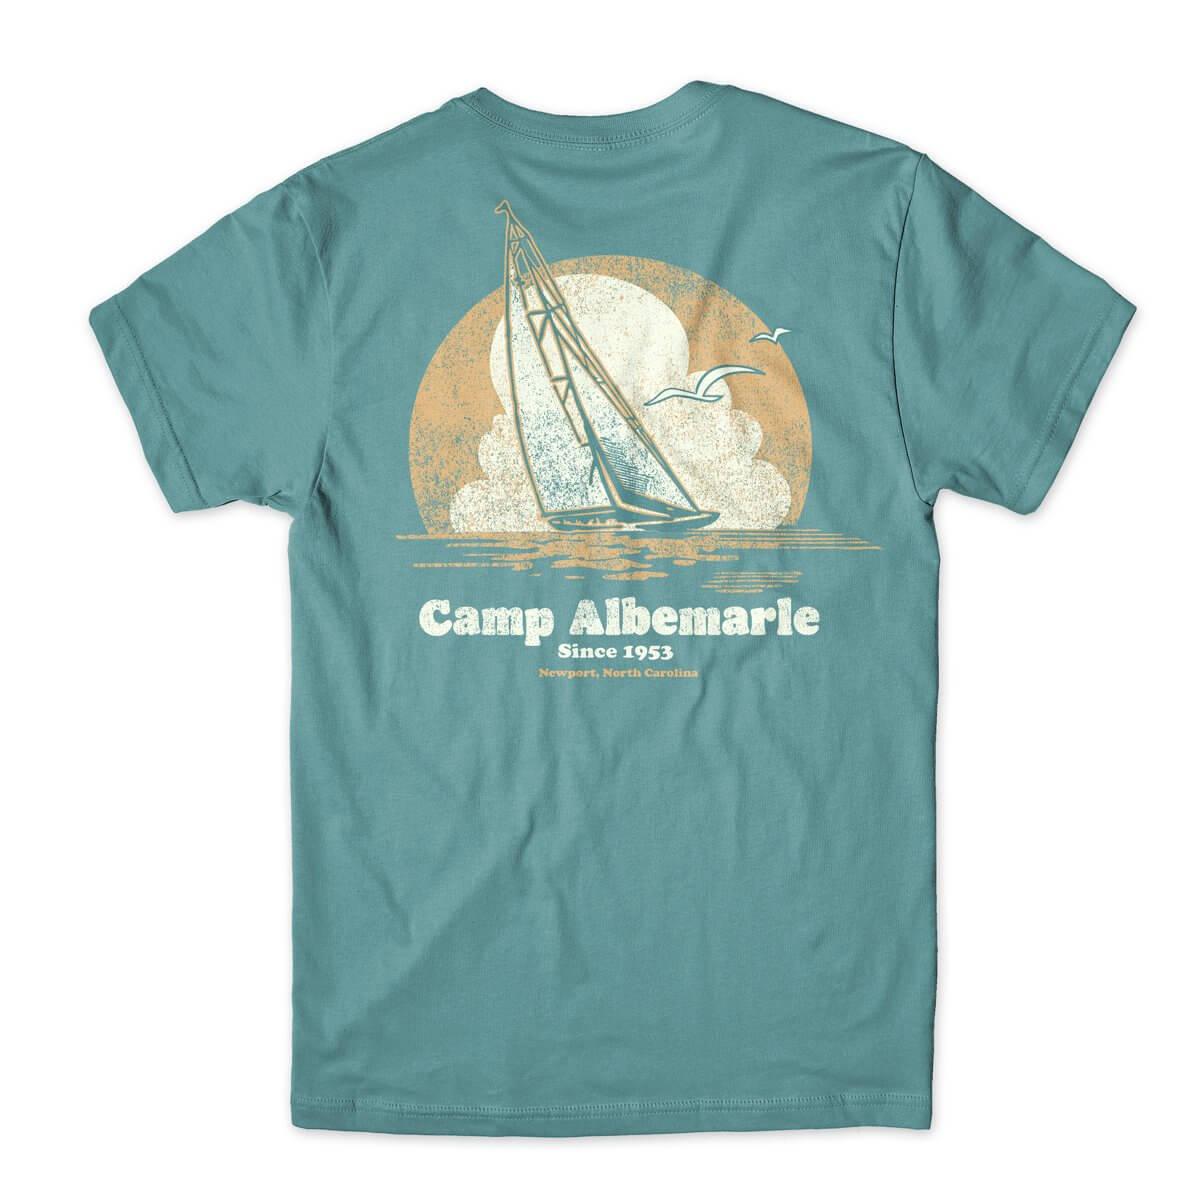 Camp Albermarle Sailboat t-shirt design